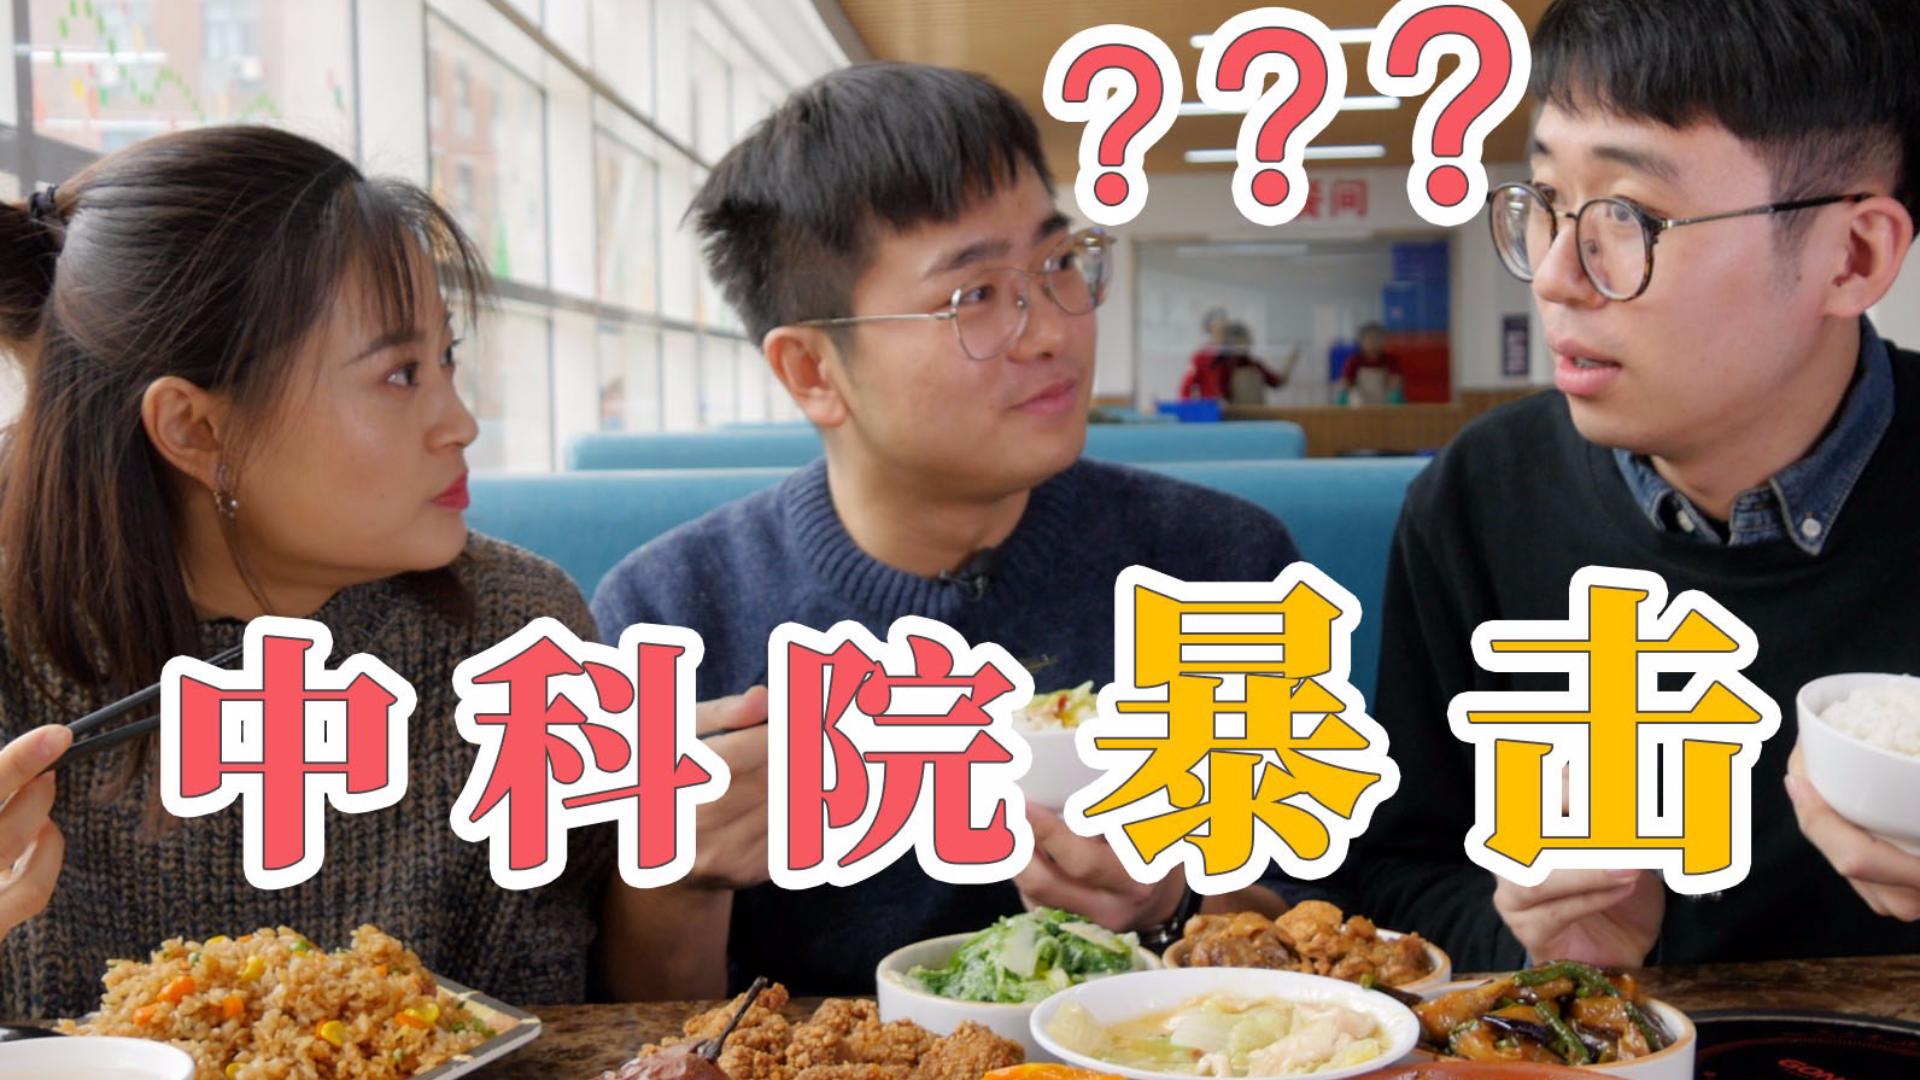 和科学家吃饭有多难?我感觉我中文不大行。【盗月社】